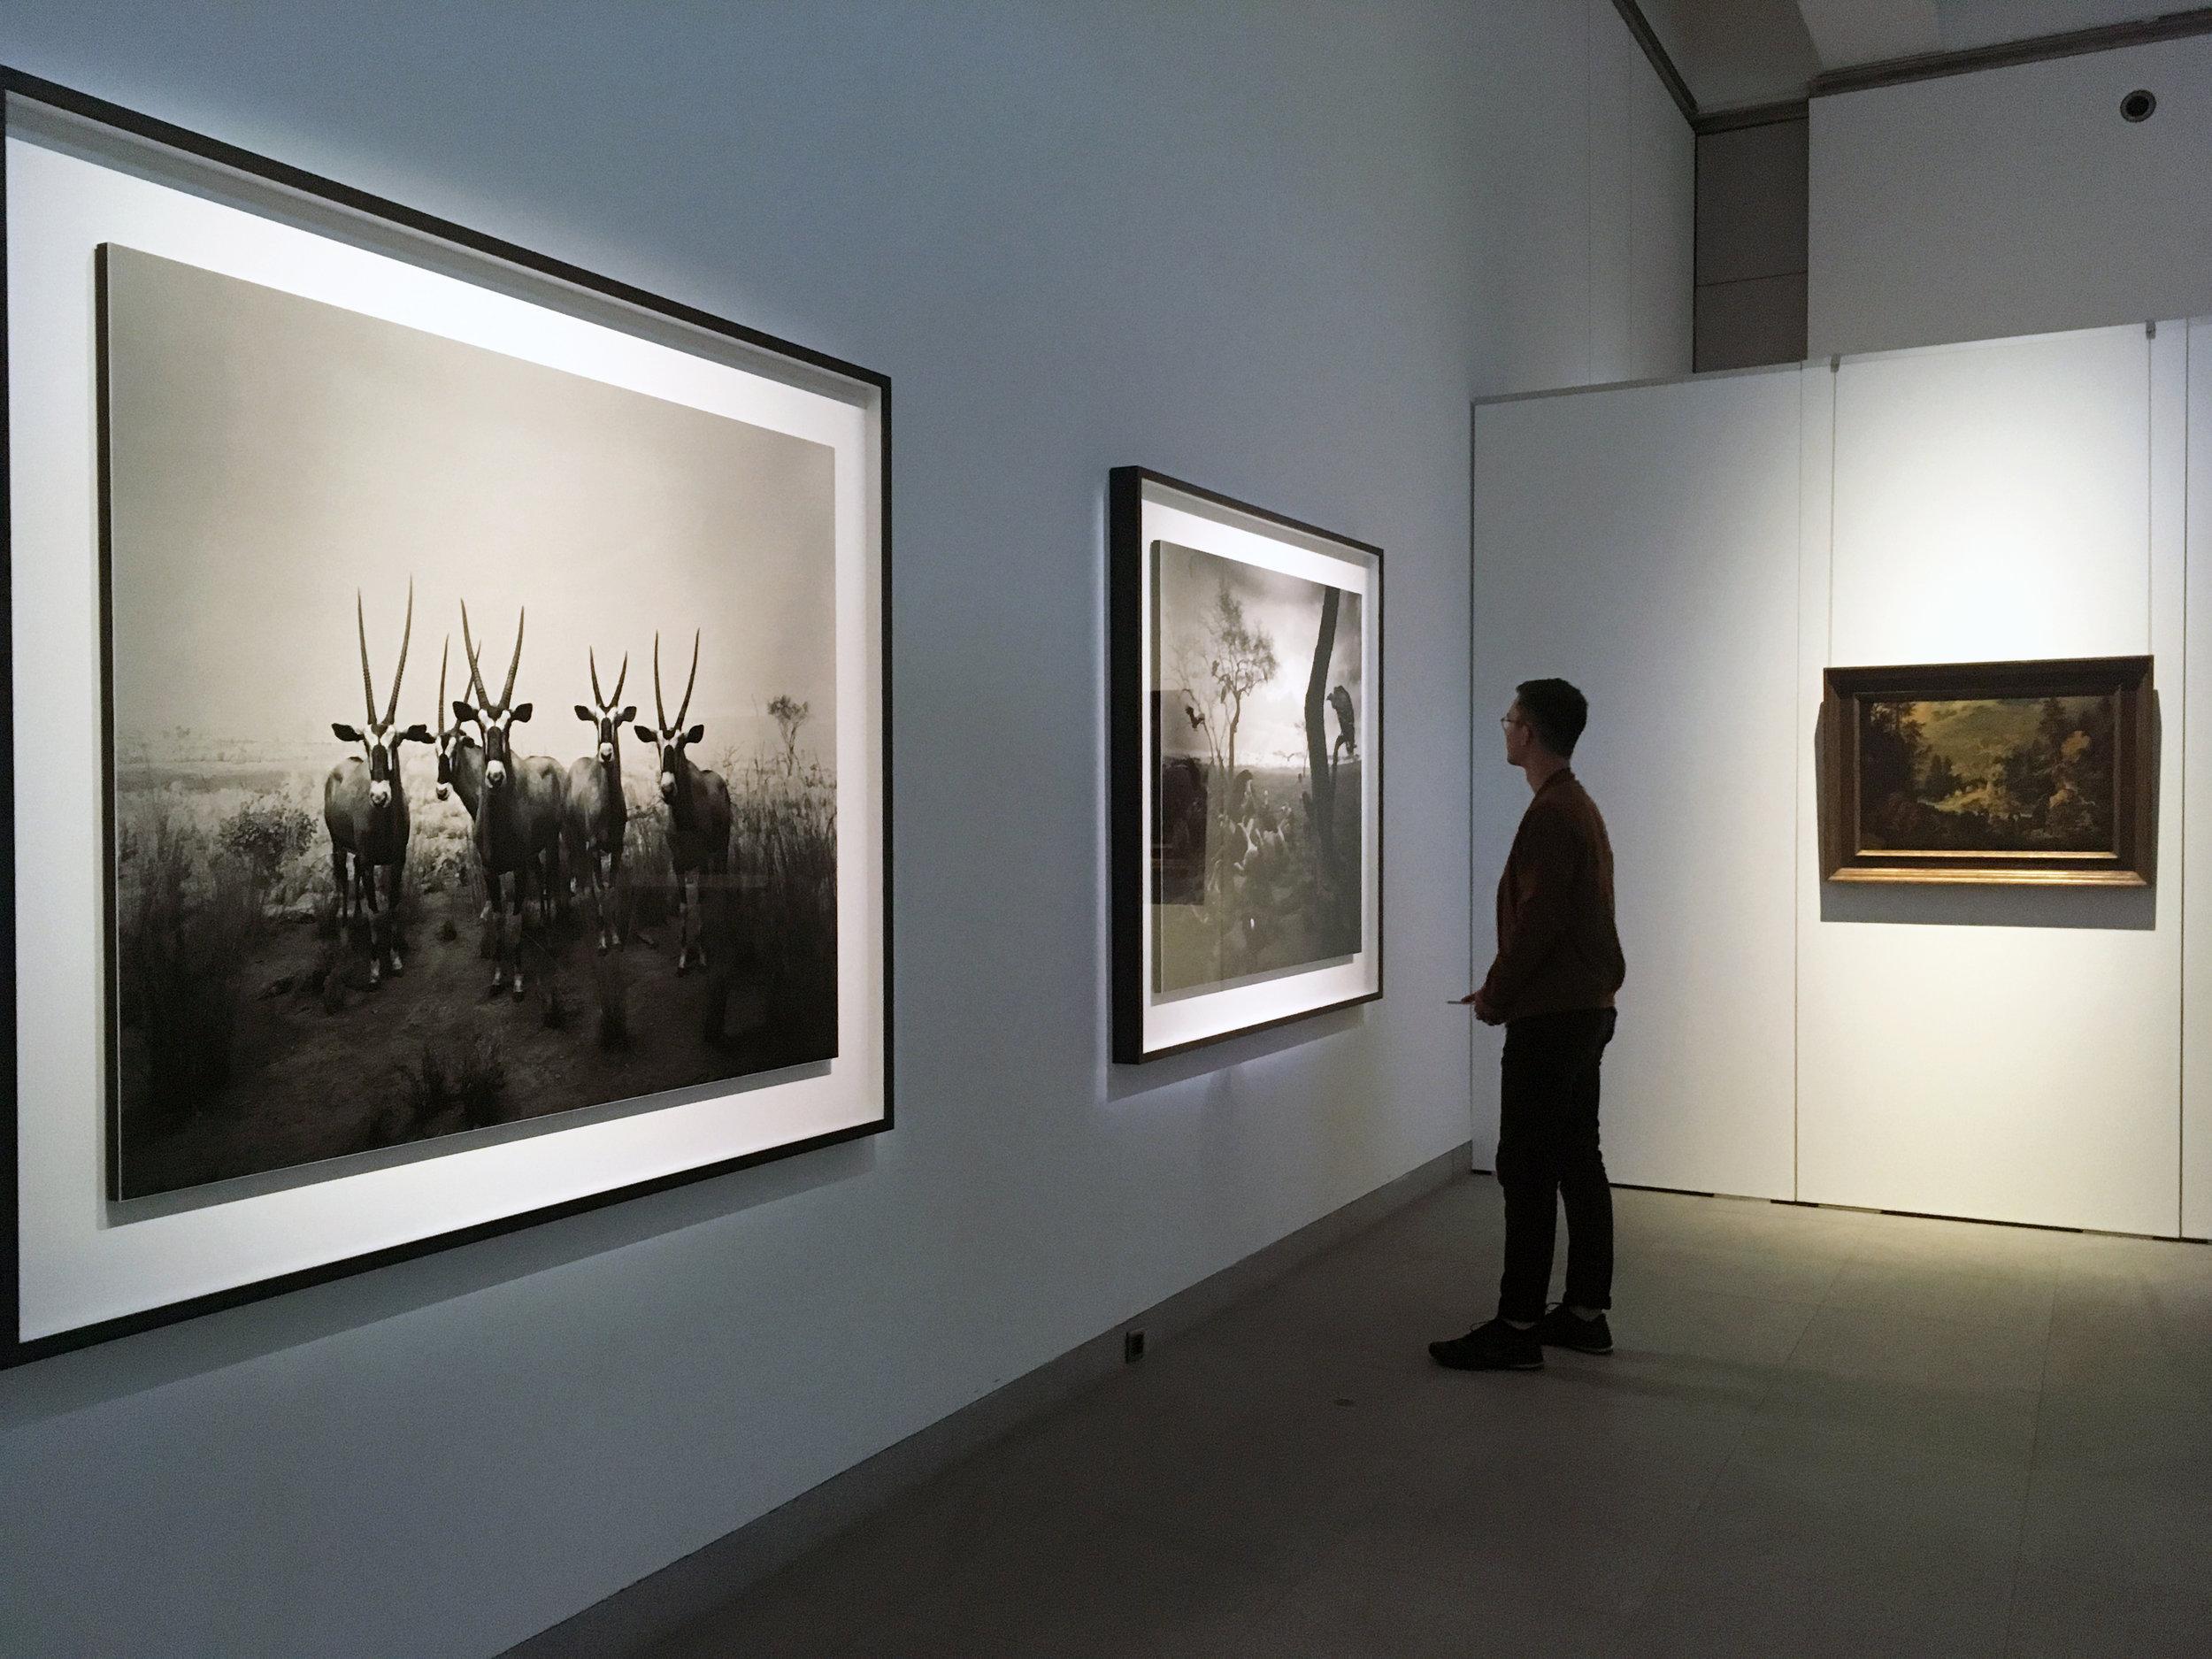 Hiroshi Sugimoto - Still Life , vue d'exposition, Musée royaux des Beaux-Arts de Belgique. Photo: Zoé Schreiber